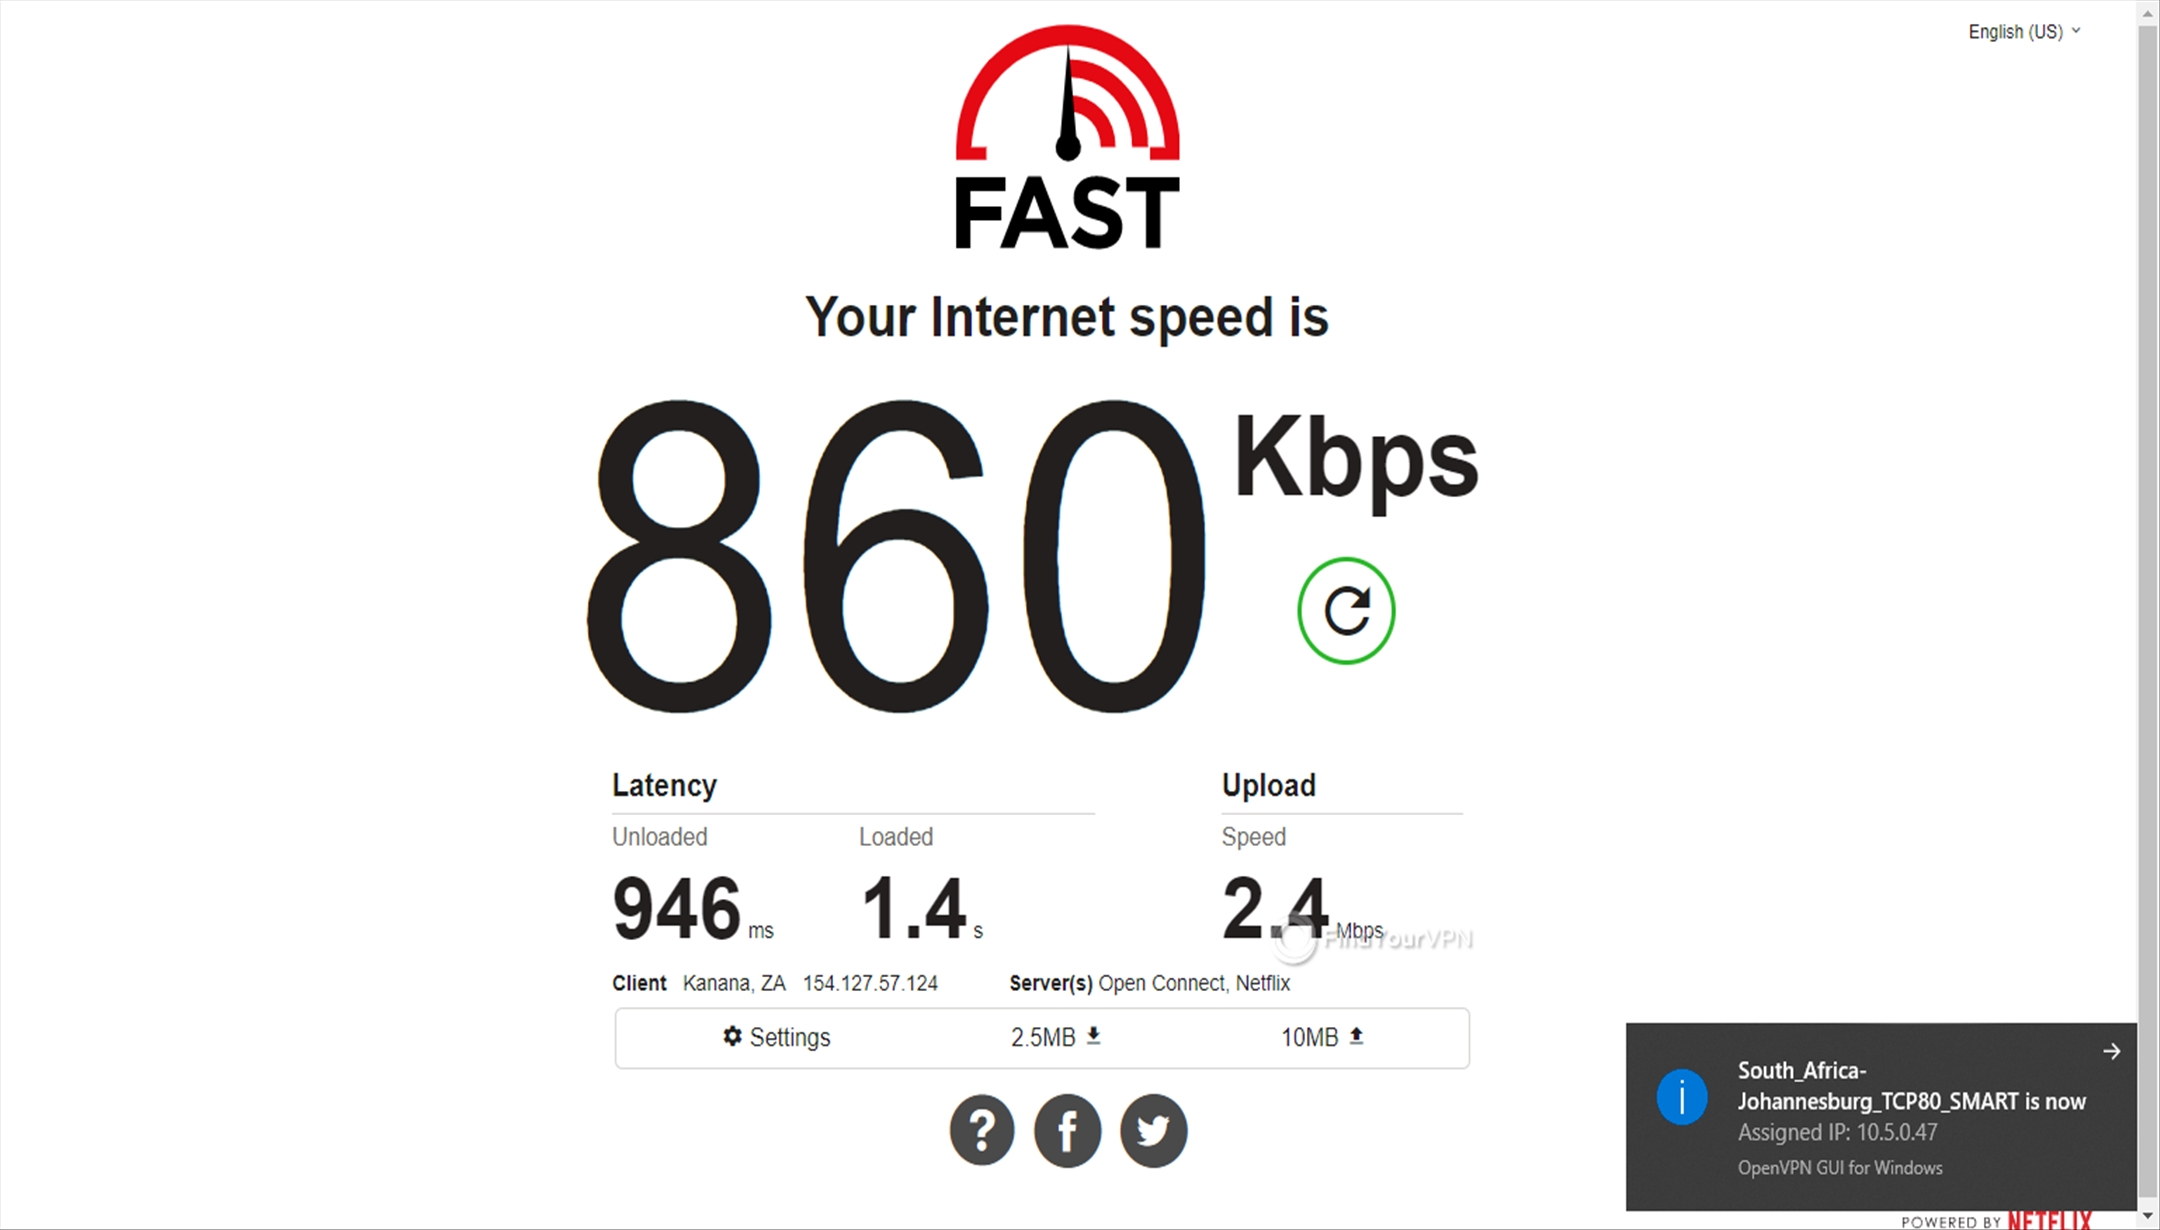 Getflix South Africa 860 Kbps speed